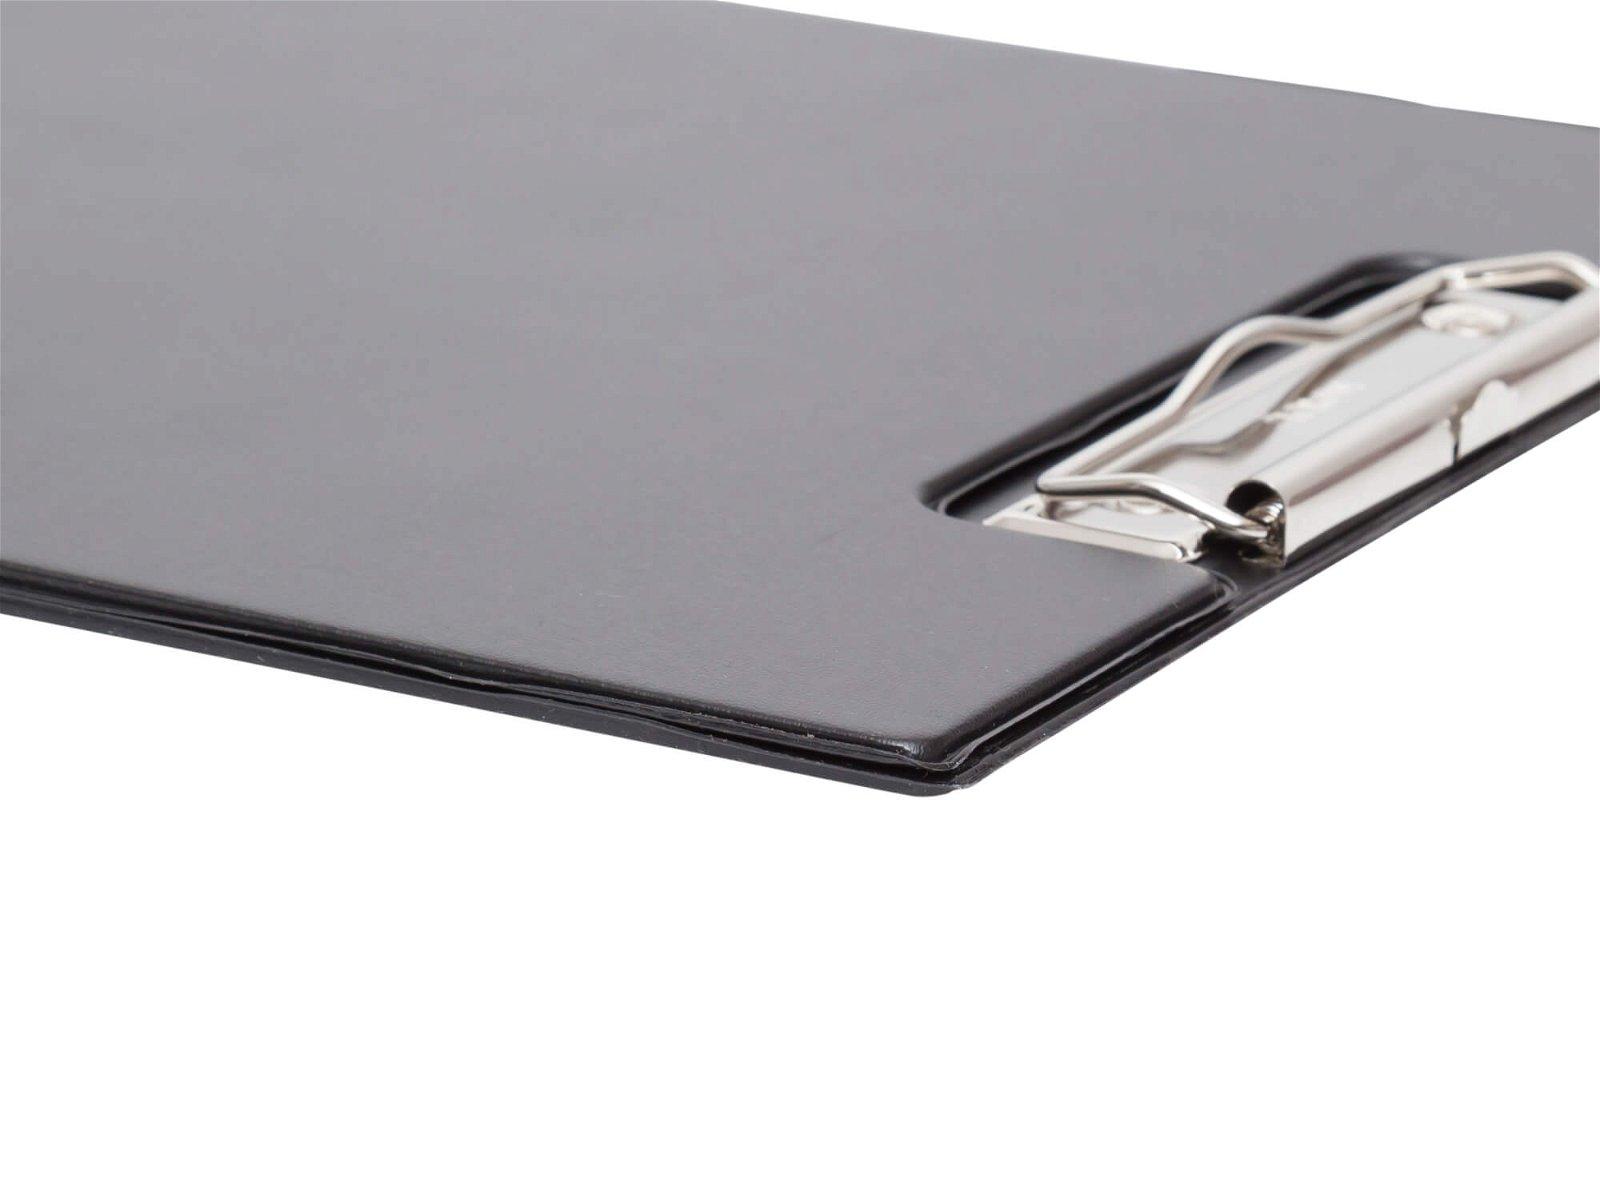 Schreibmappe mit Folienüberzug und Durchschreibschutz